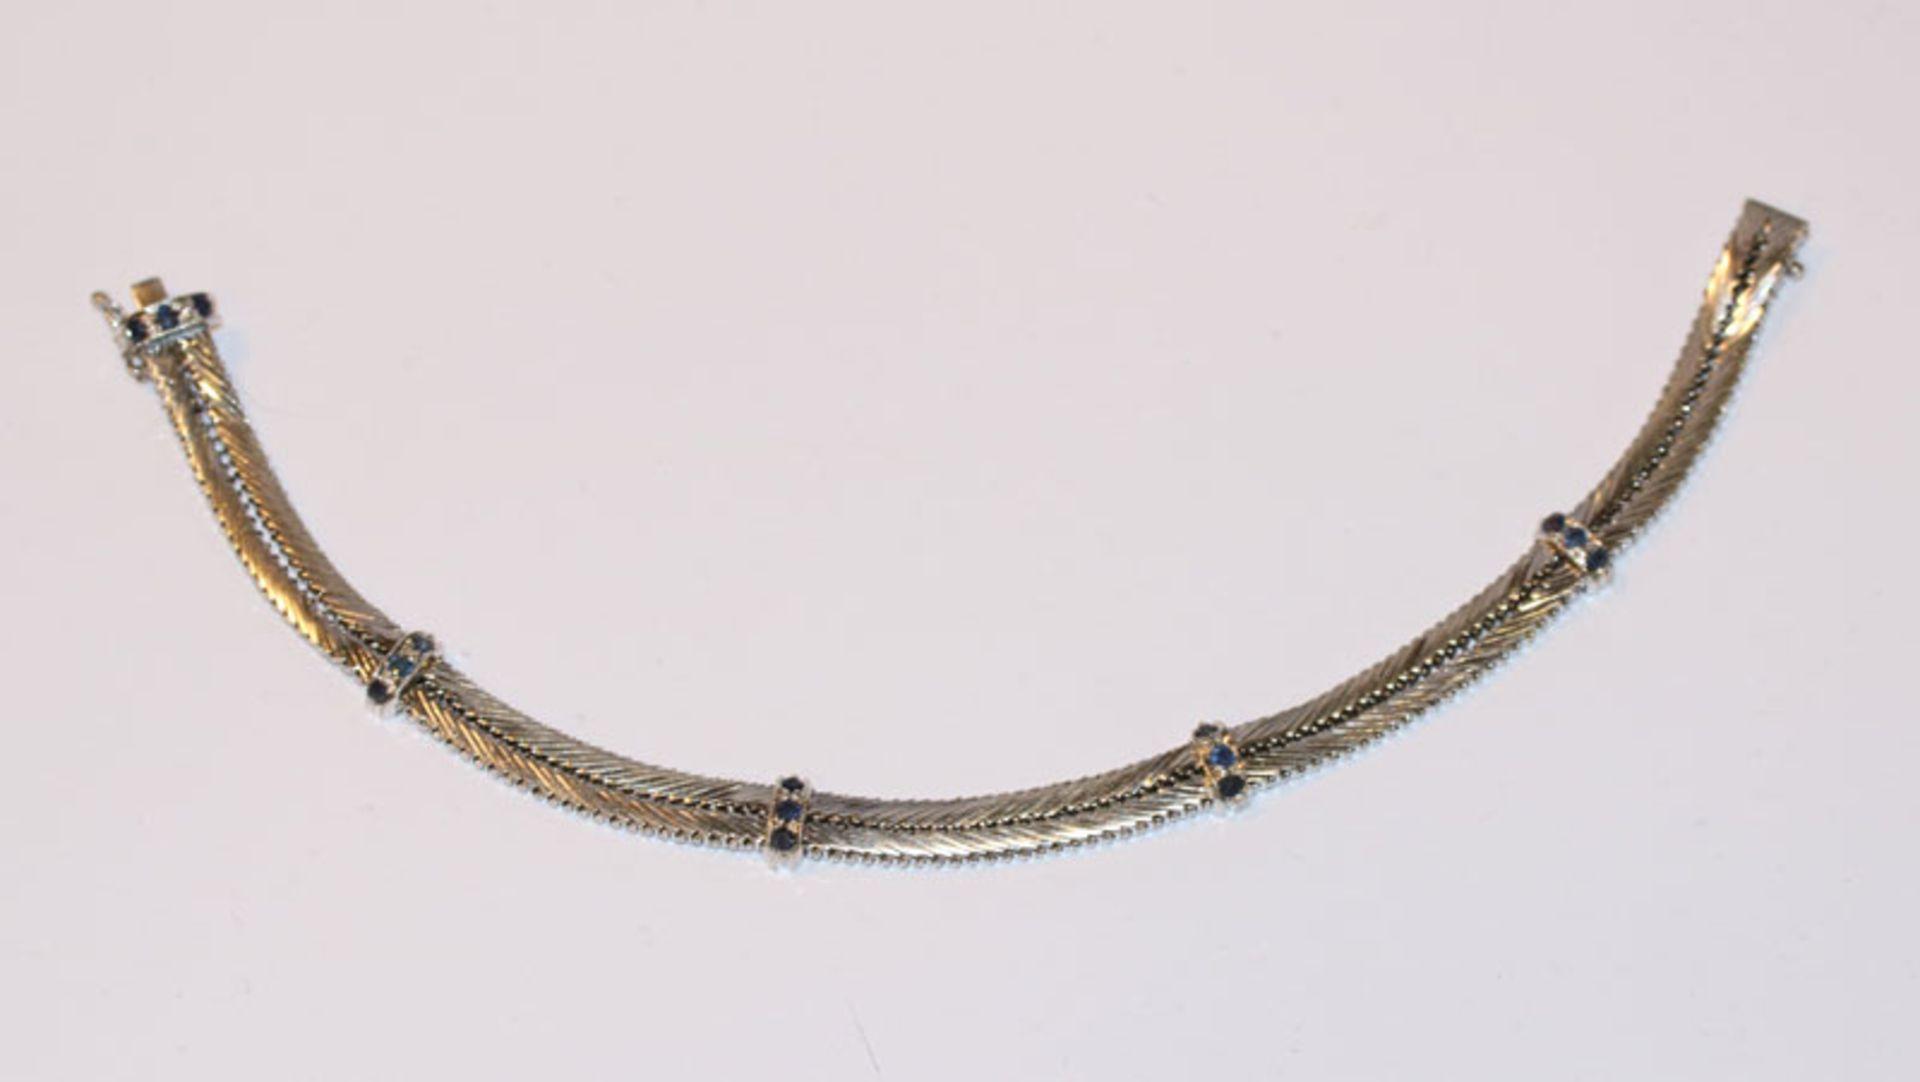 Los 54 - 18 k Weißgold Armband mit 15 Safiren, 25,6 gr., L 19 cm, klassische Handarbeit